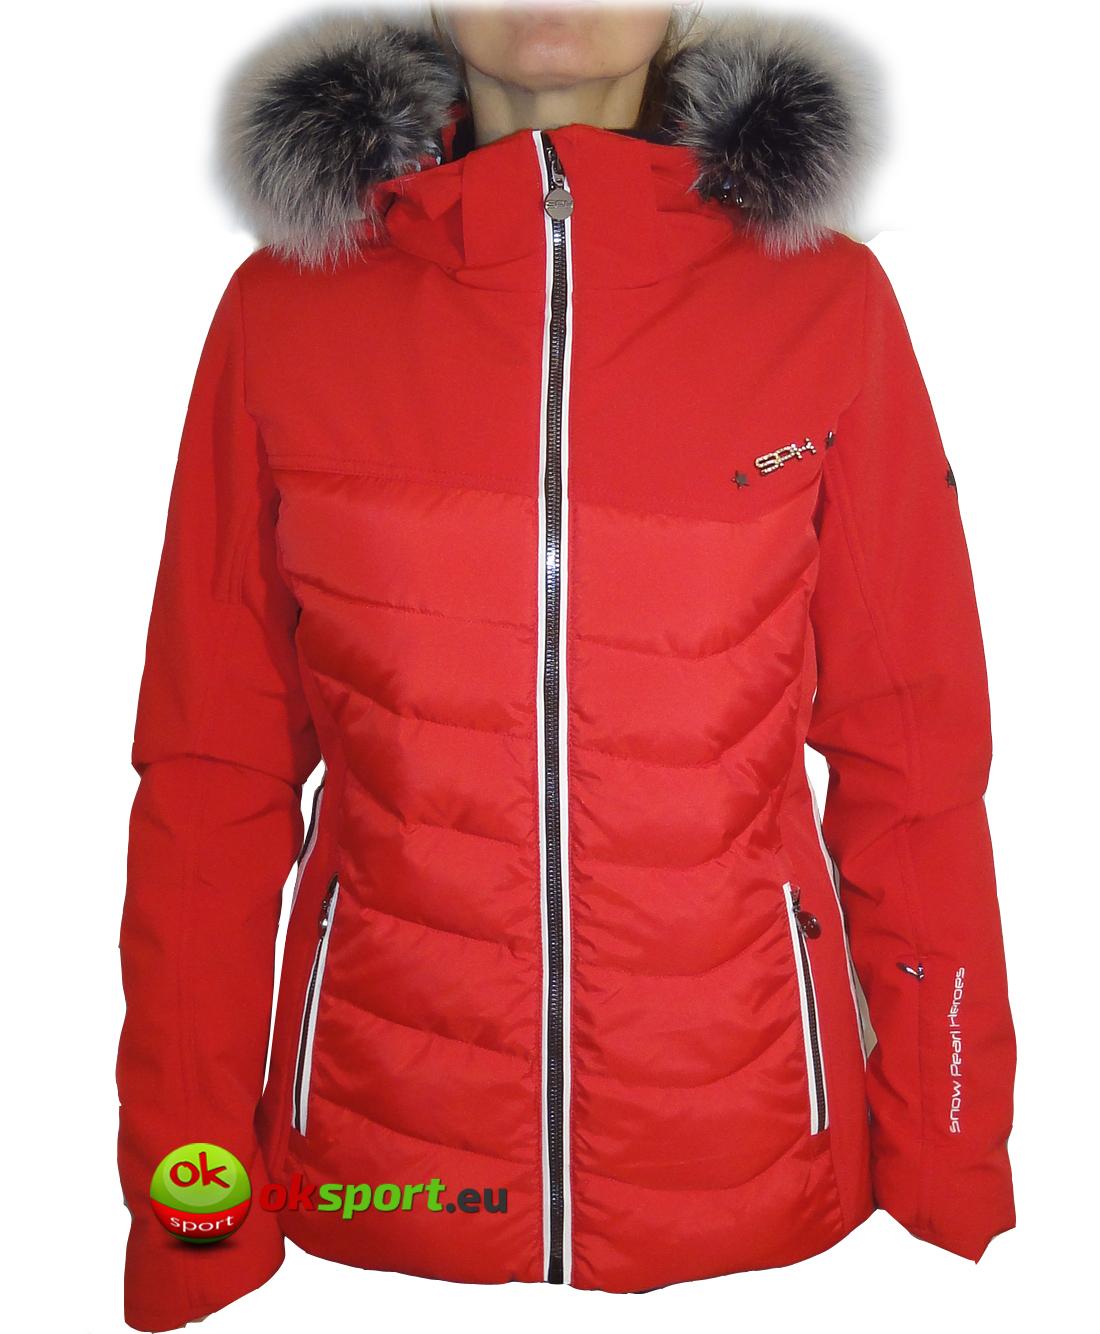 Dámska luxusná lyžiarska bunda SPH Morzine s pravou kožušinou červená 2017  18 0dbe8909ca0